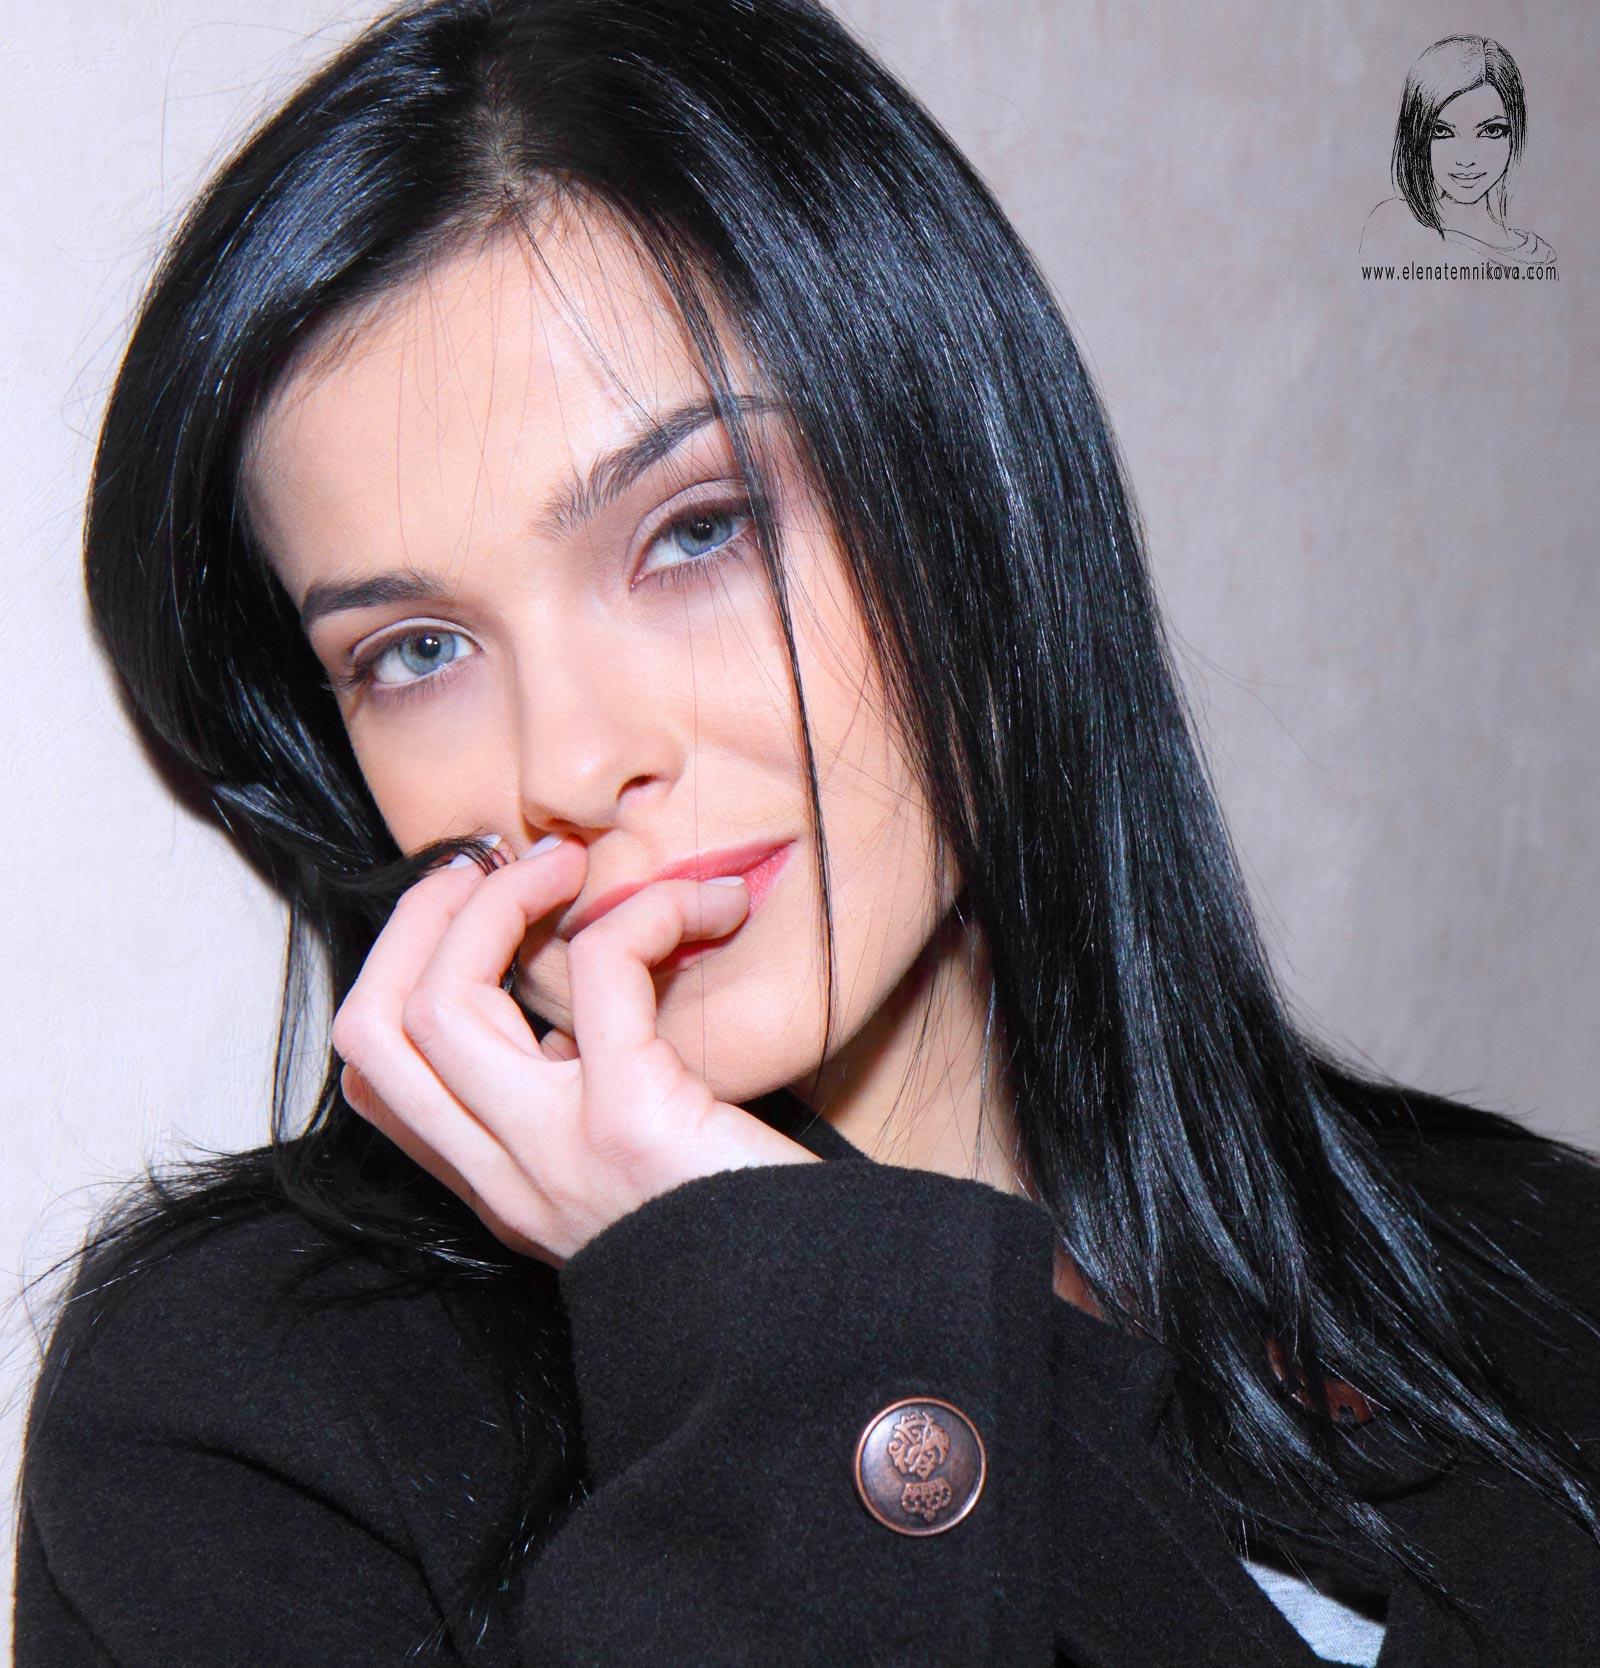 Елена Темникова презентовала сингл «Подсыпал»